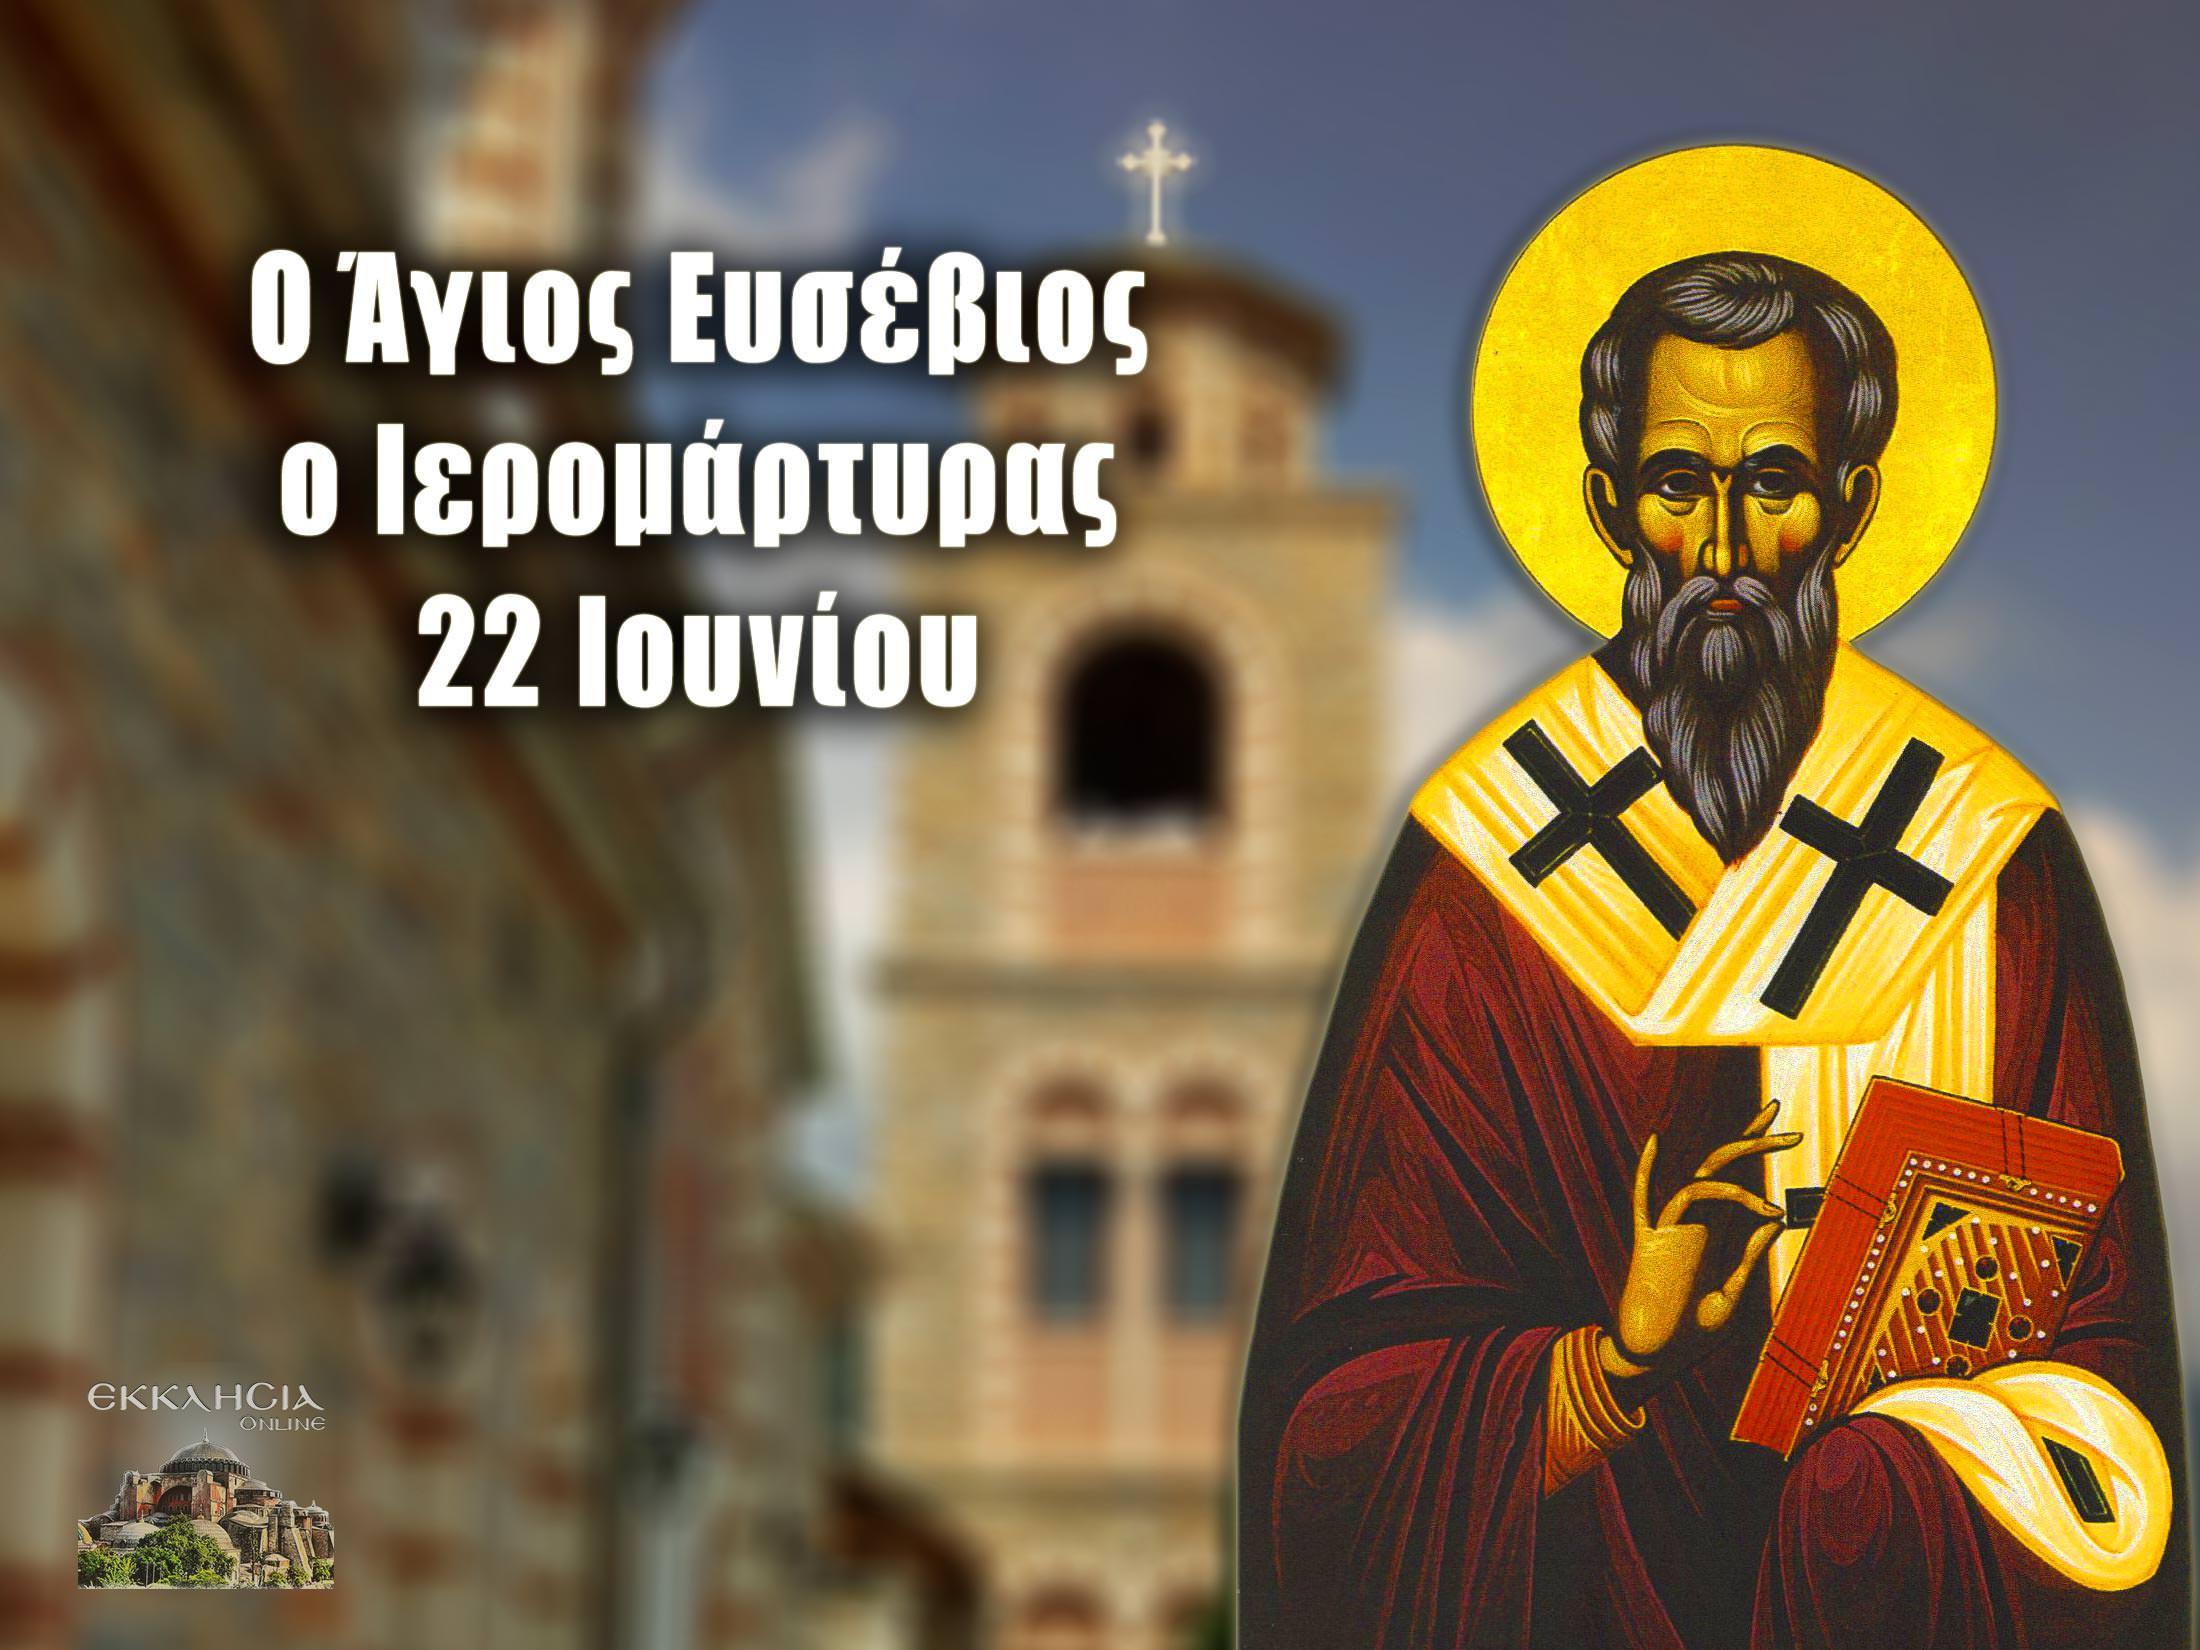 Άγιος Ευσέβιος Ιερομάρτυρας 22 Ιουνίου